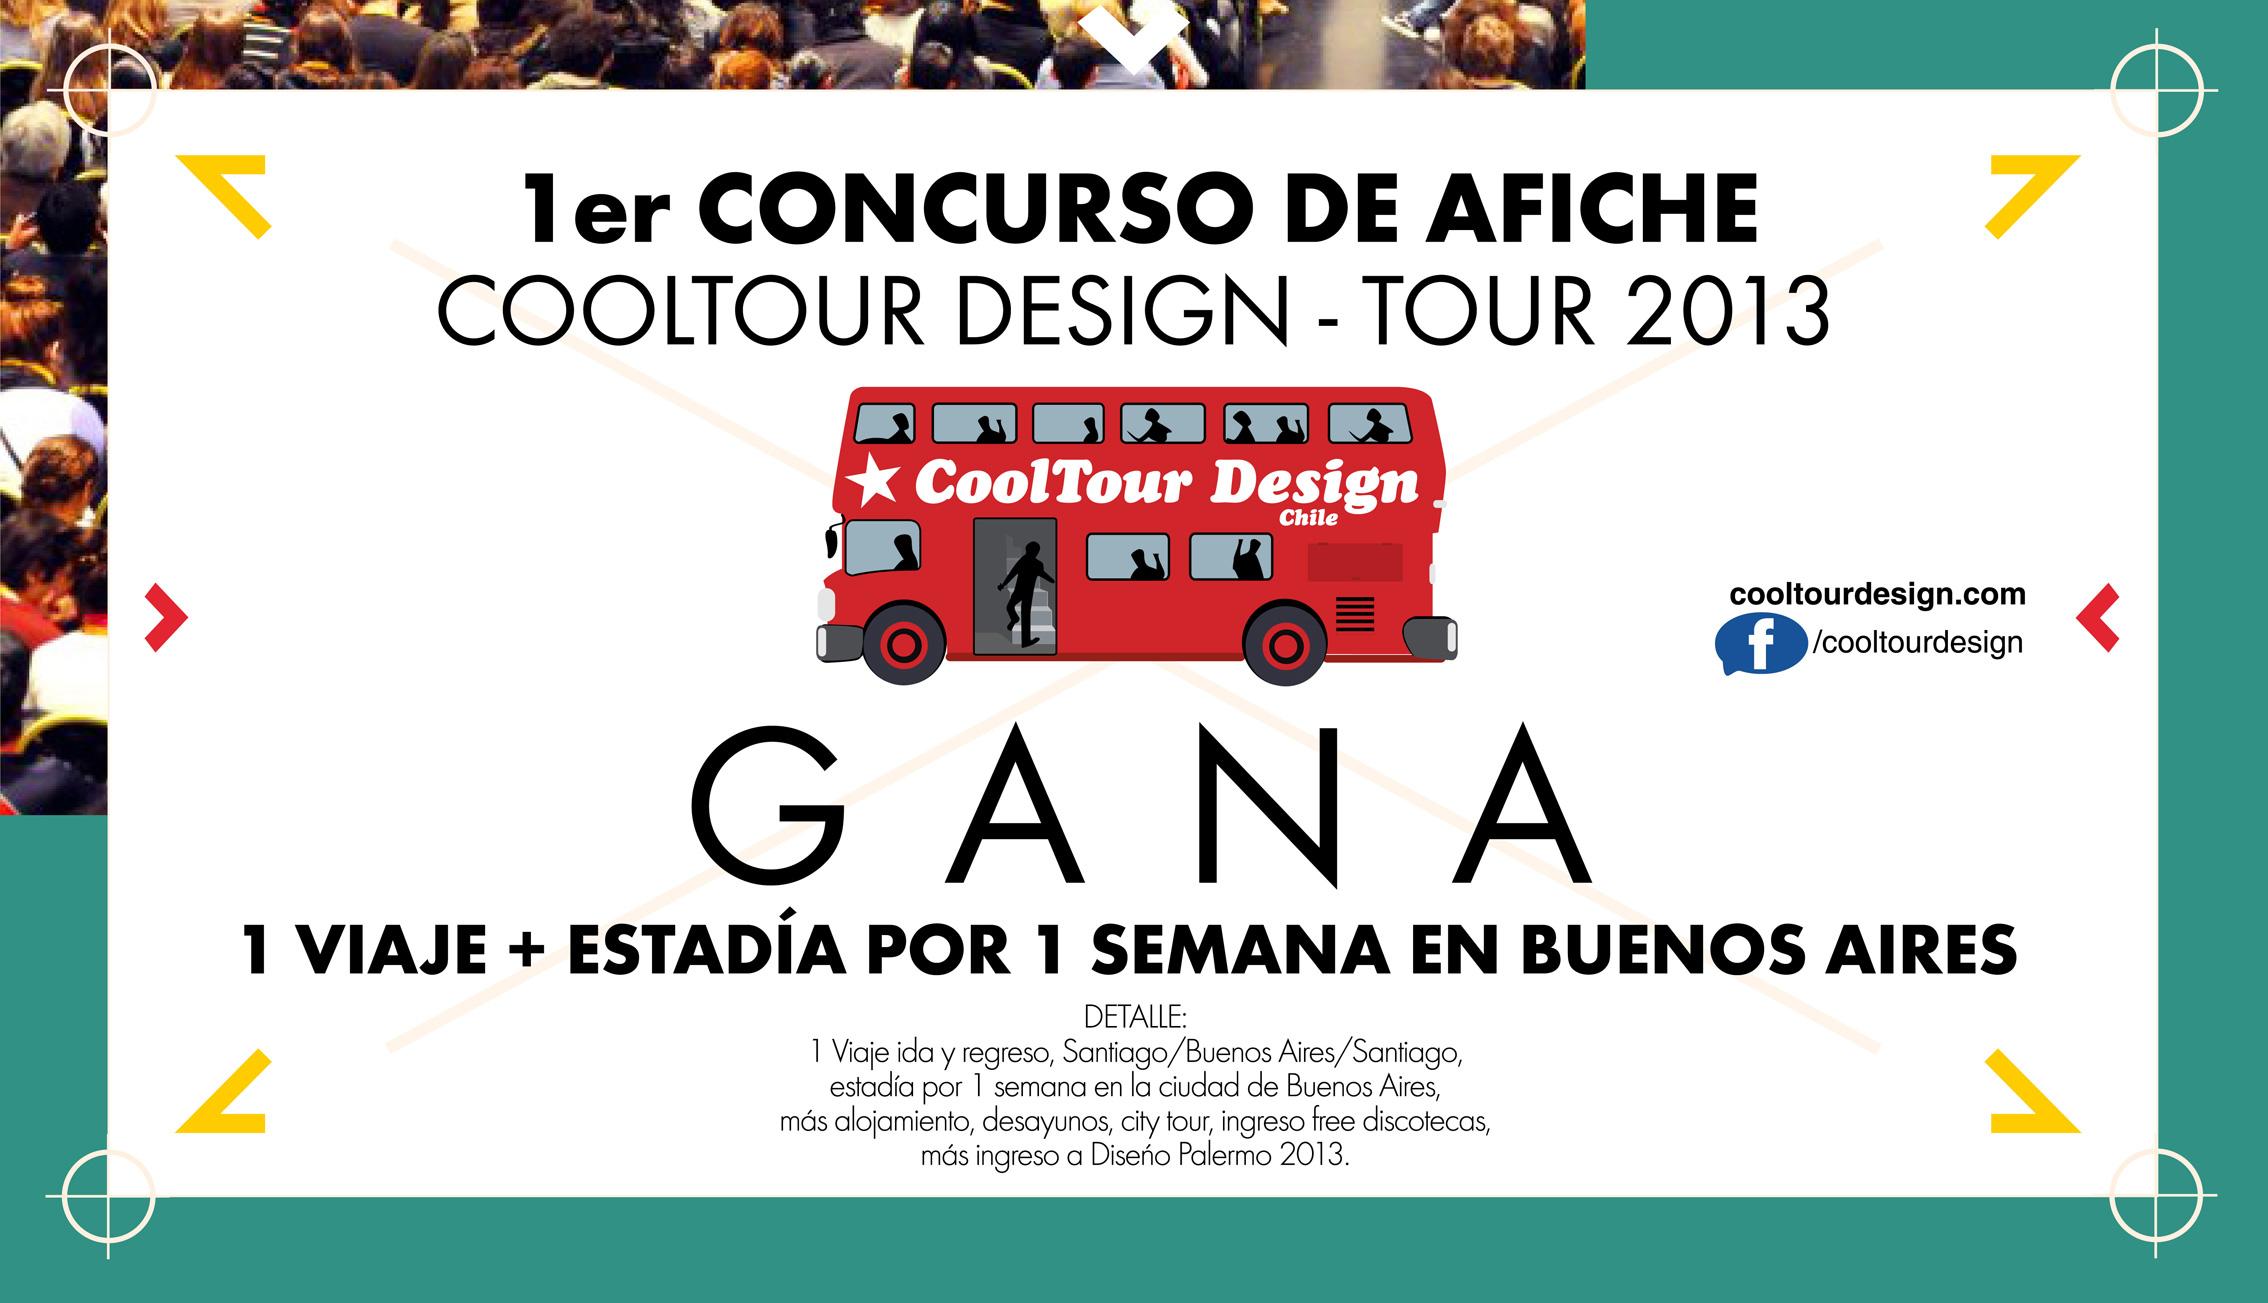 afiche2-concurso-cooltourdesign.com